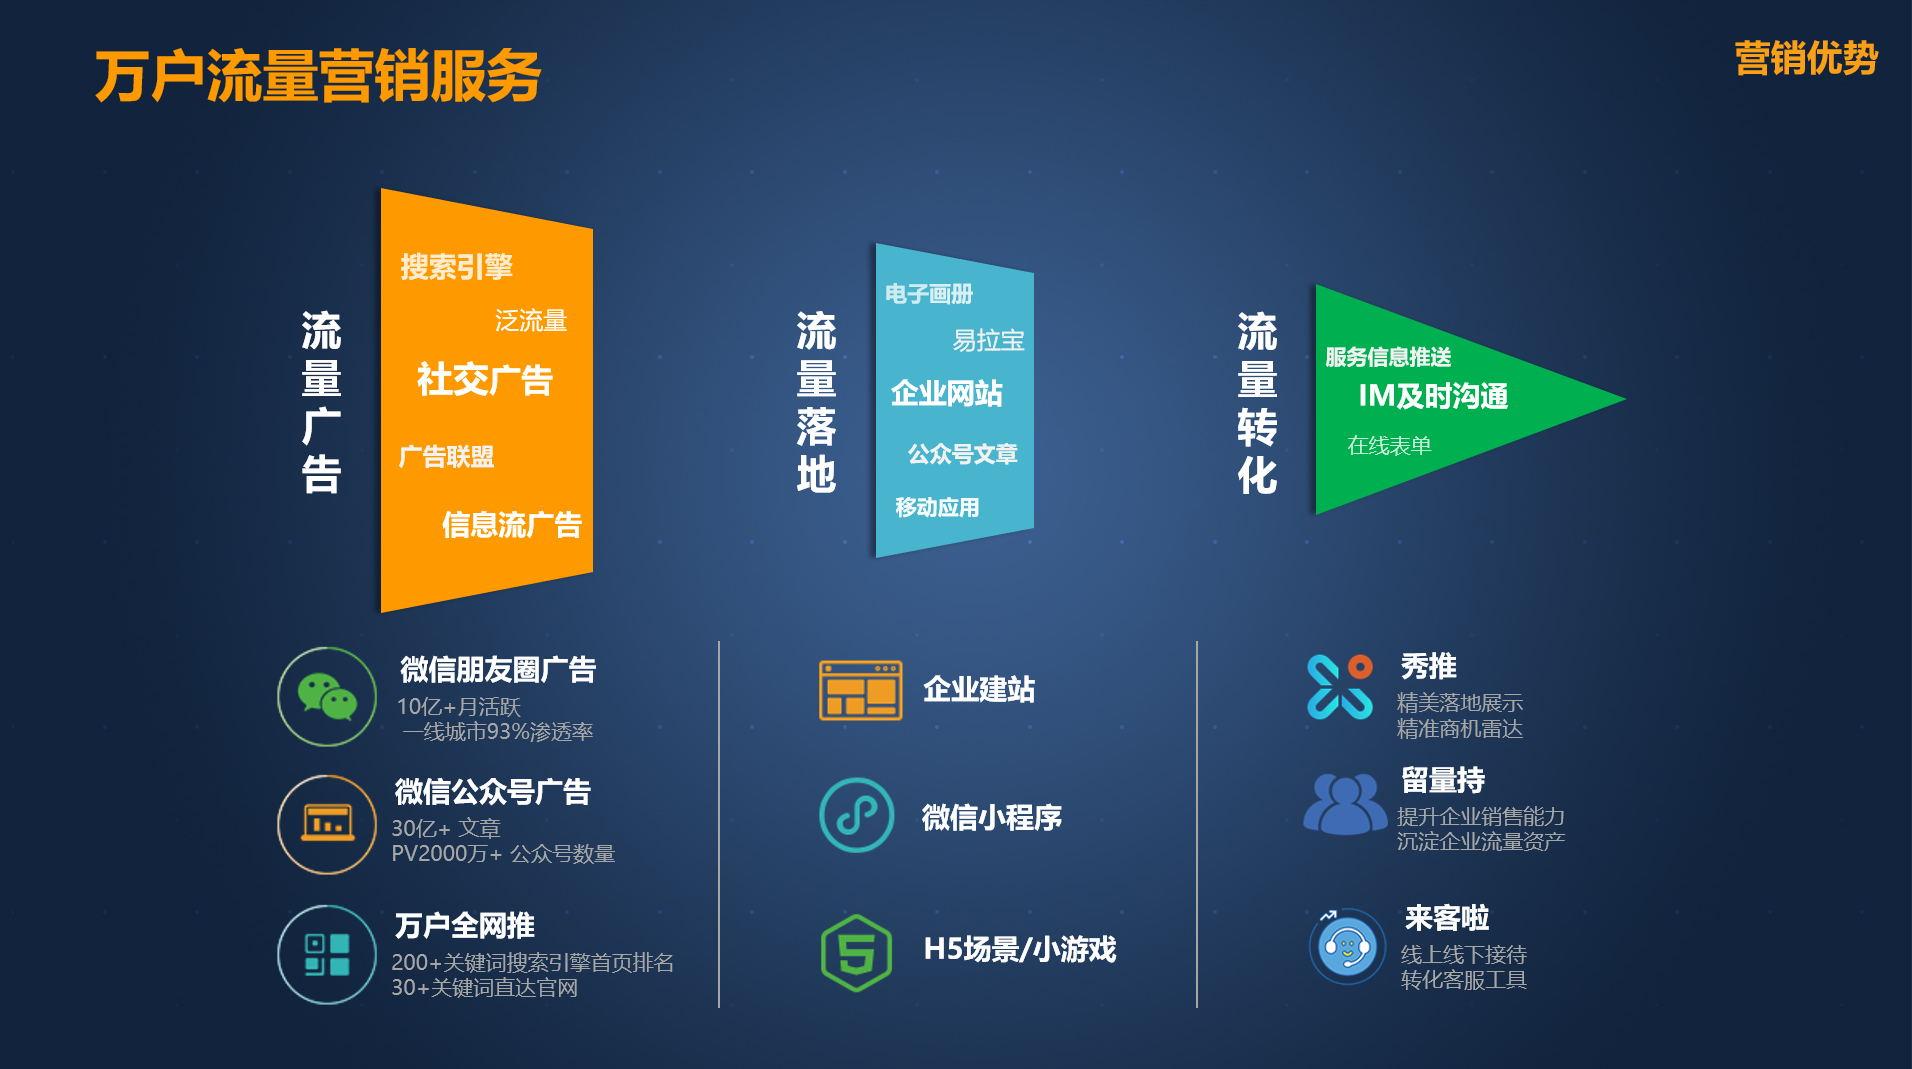 _公司网络整合营销企业品牌策划推广优化百度关键词投放宣传传播33